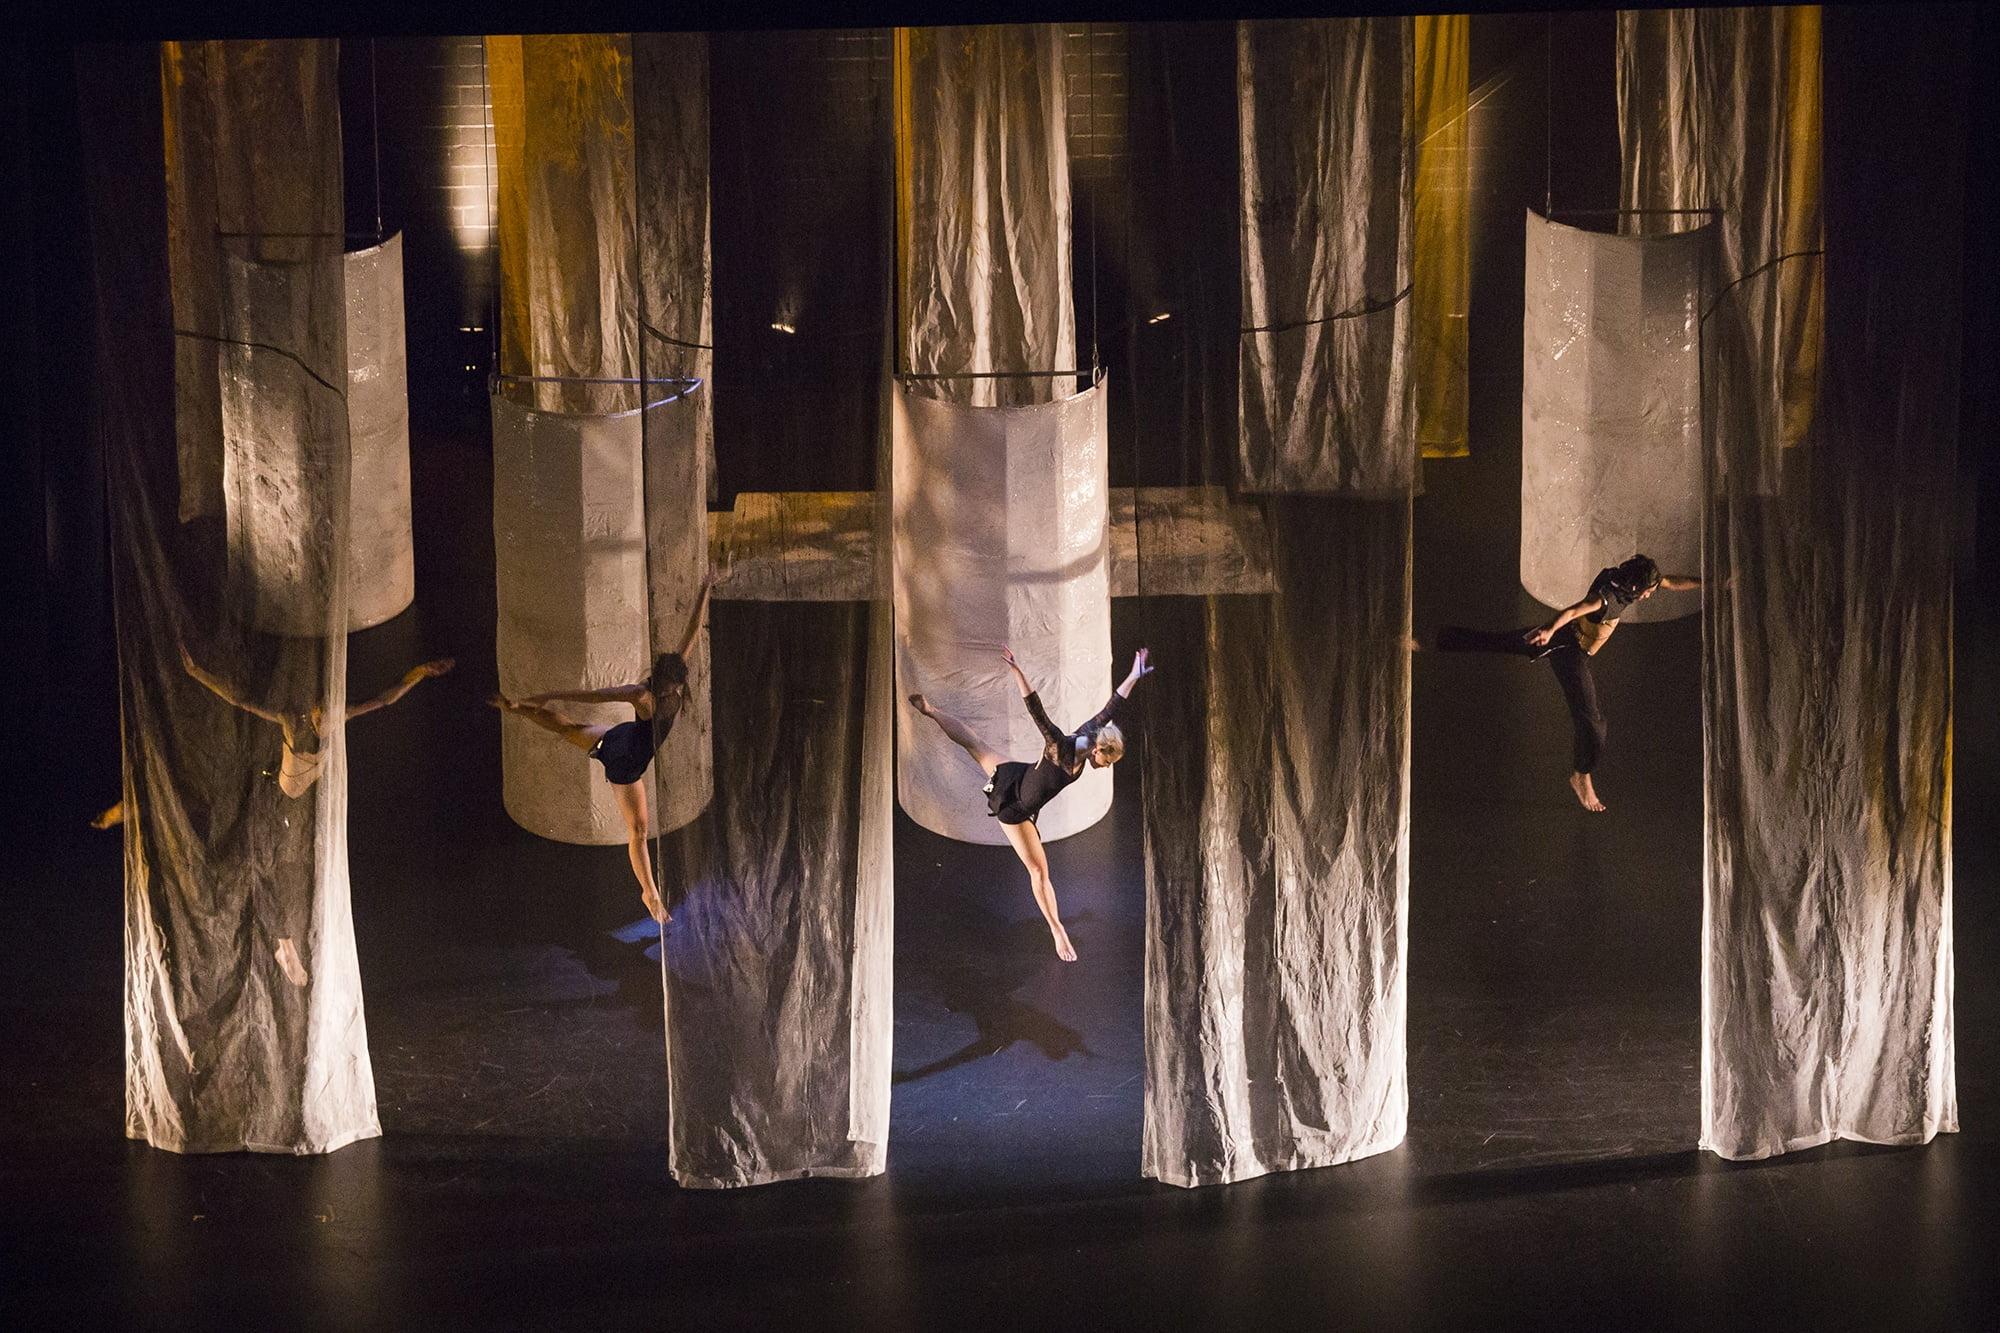 Show at Mandurah Performing Arts Centre